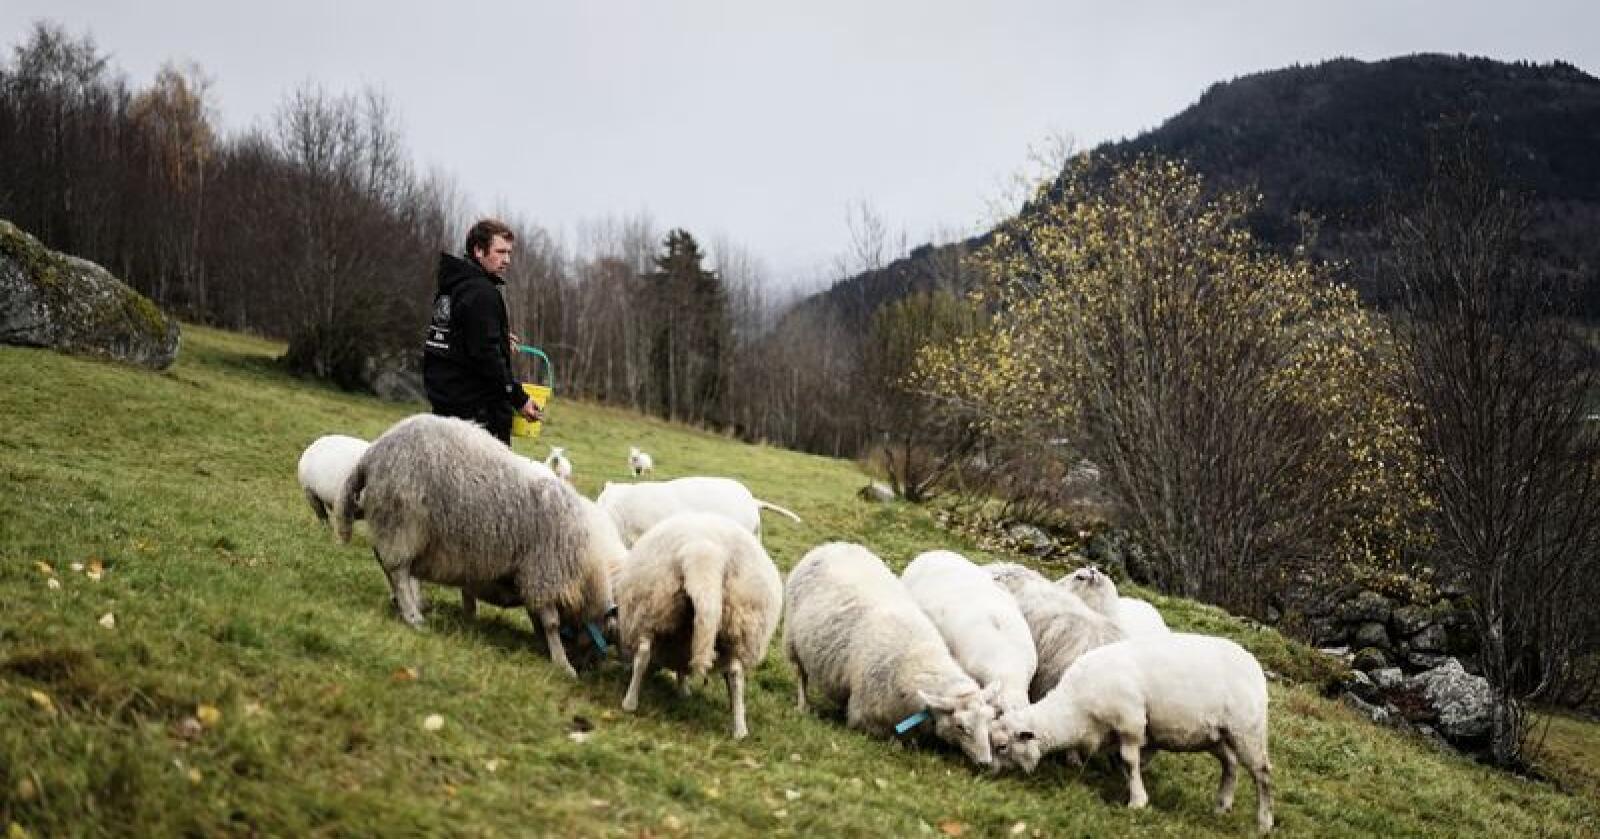 Olav Høyheim Einan fra Hafslo er kandidat i kåringen av Årets unge bonde 2018. Alle foto: Benjamin Hernes Vogl